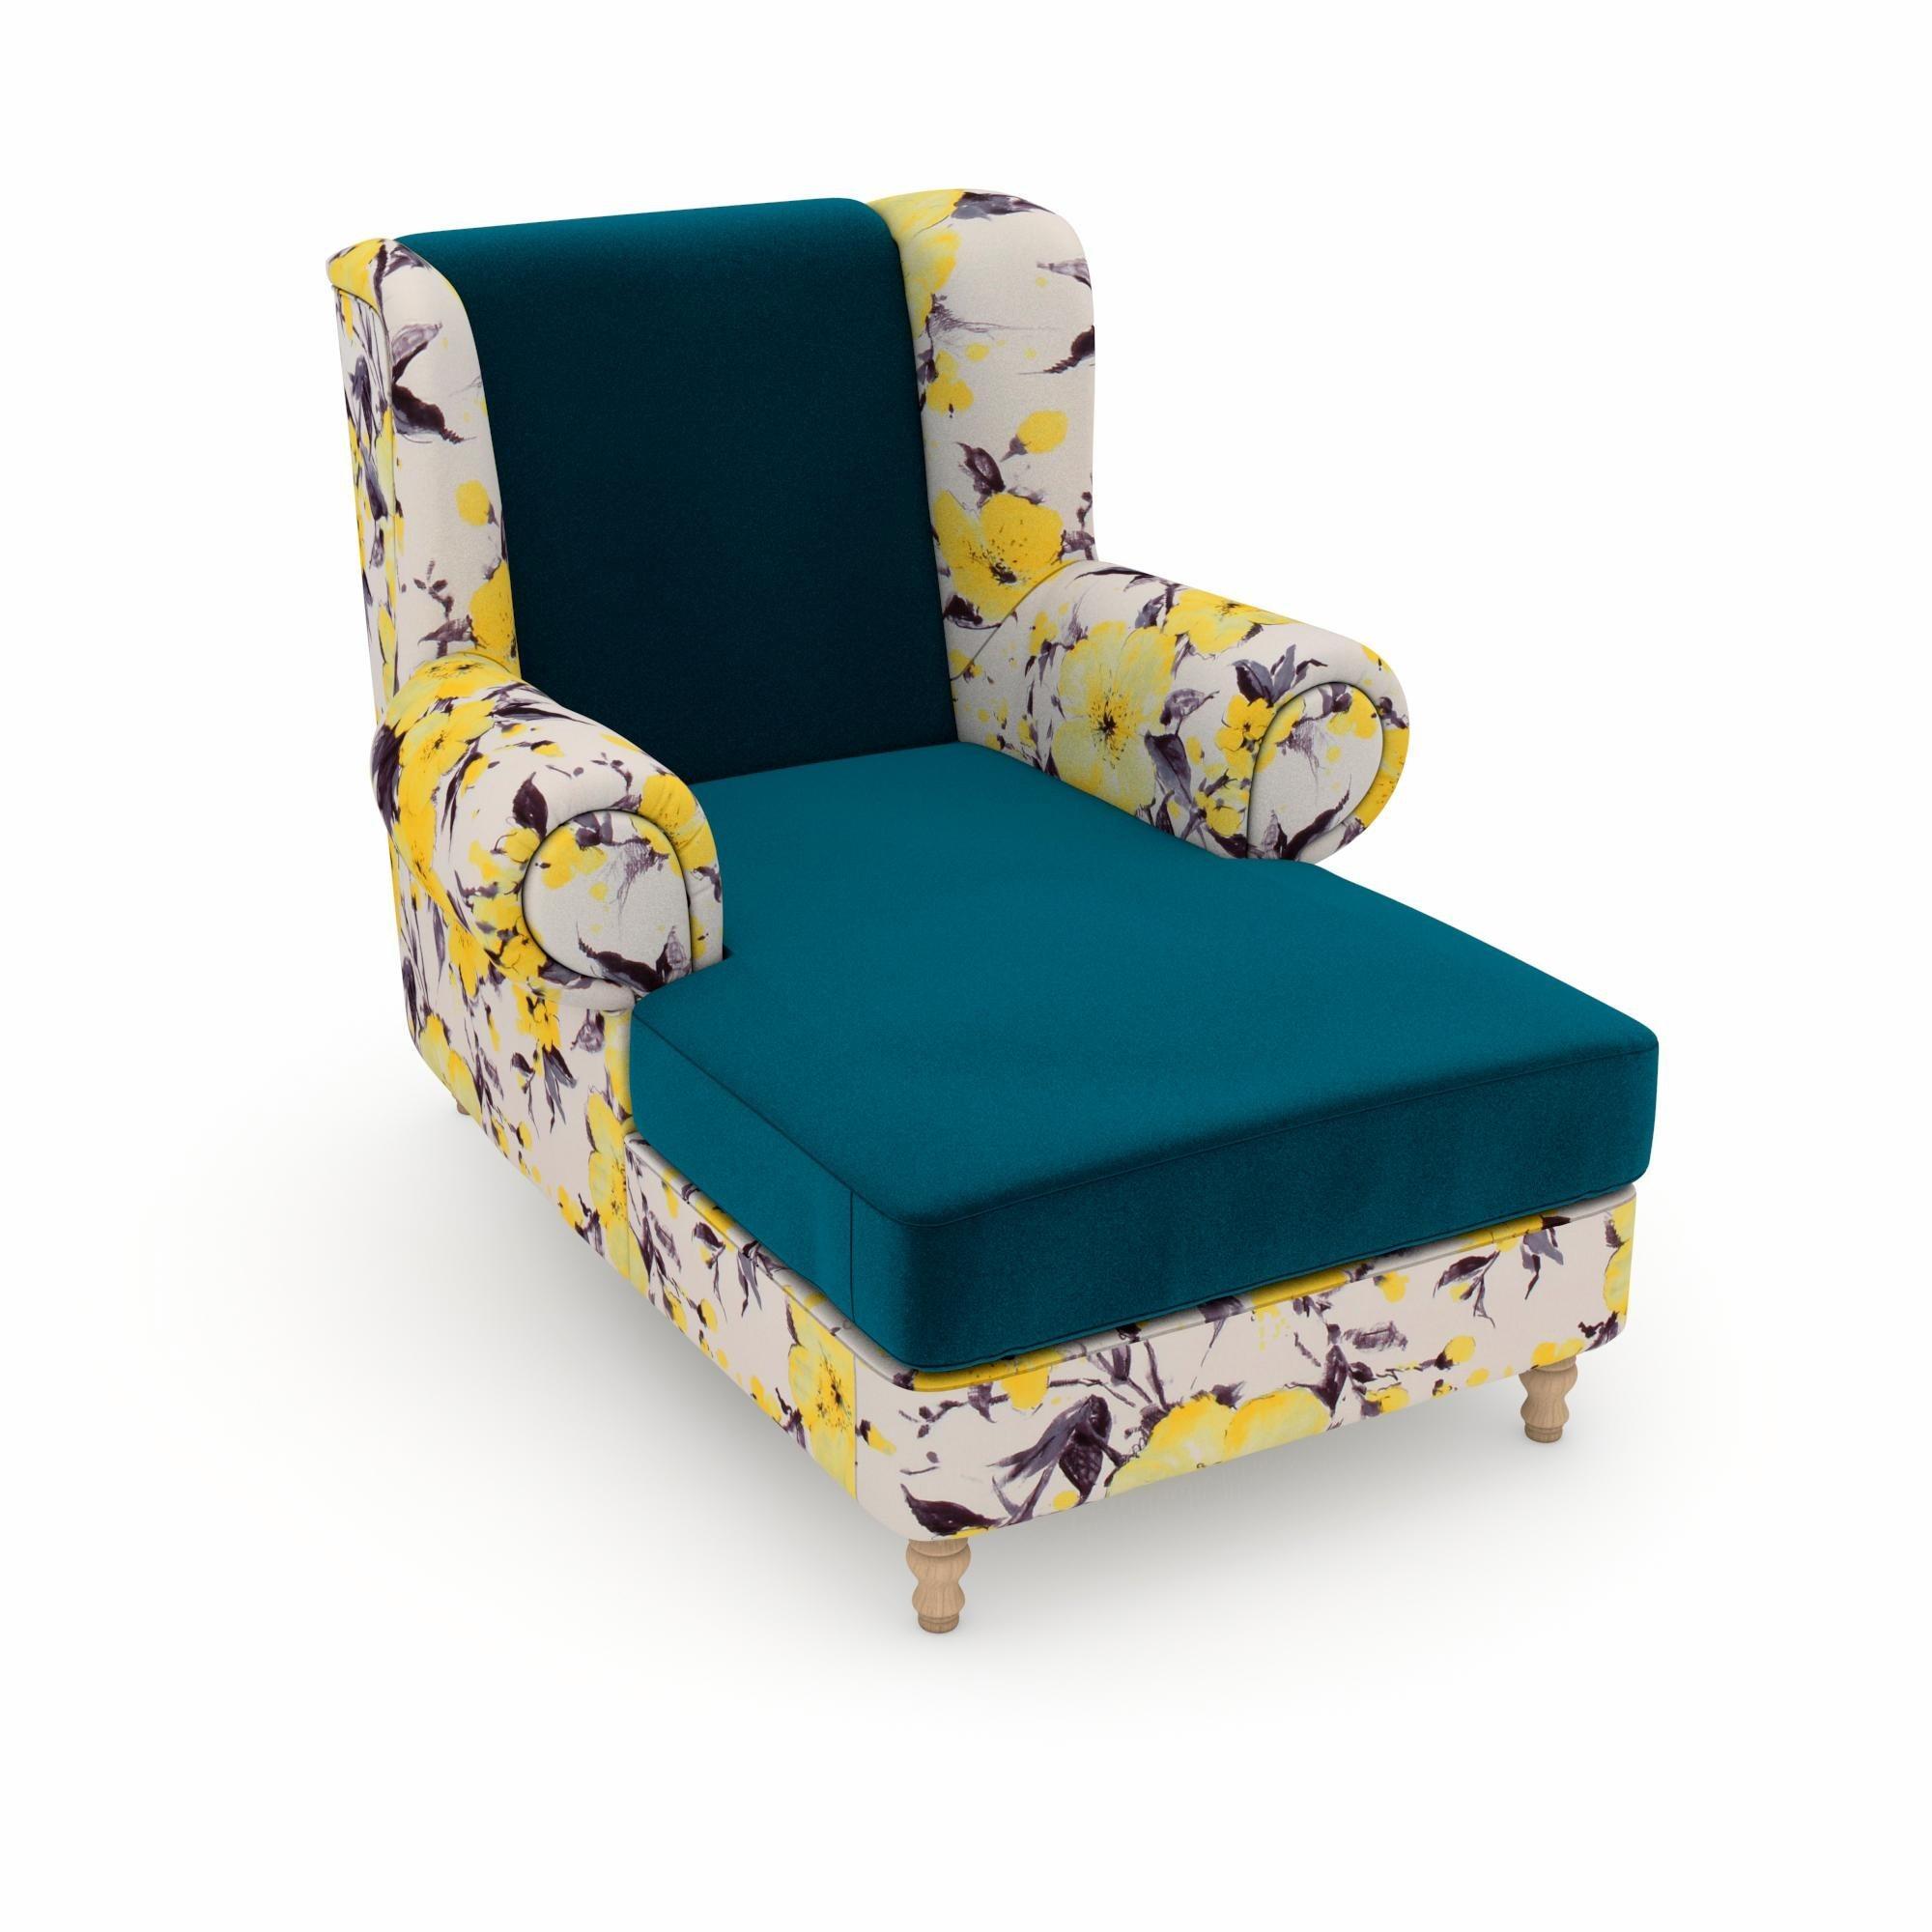 Max Winzer® build-a-chair XXL Ohrensessel »Madeleine«, zum Selbstgestalten | Wohnzimmer > Sessel > Ohrensessel | Geblümt | Holz - Samtvelours - Nussbaum - Buche - Polyester | Max Winzer®